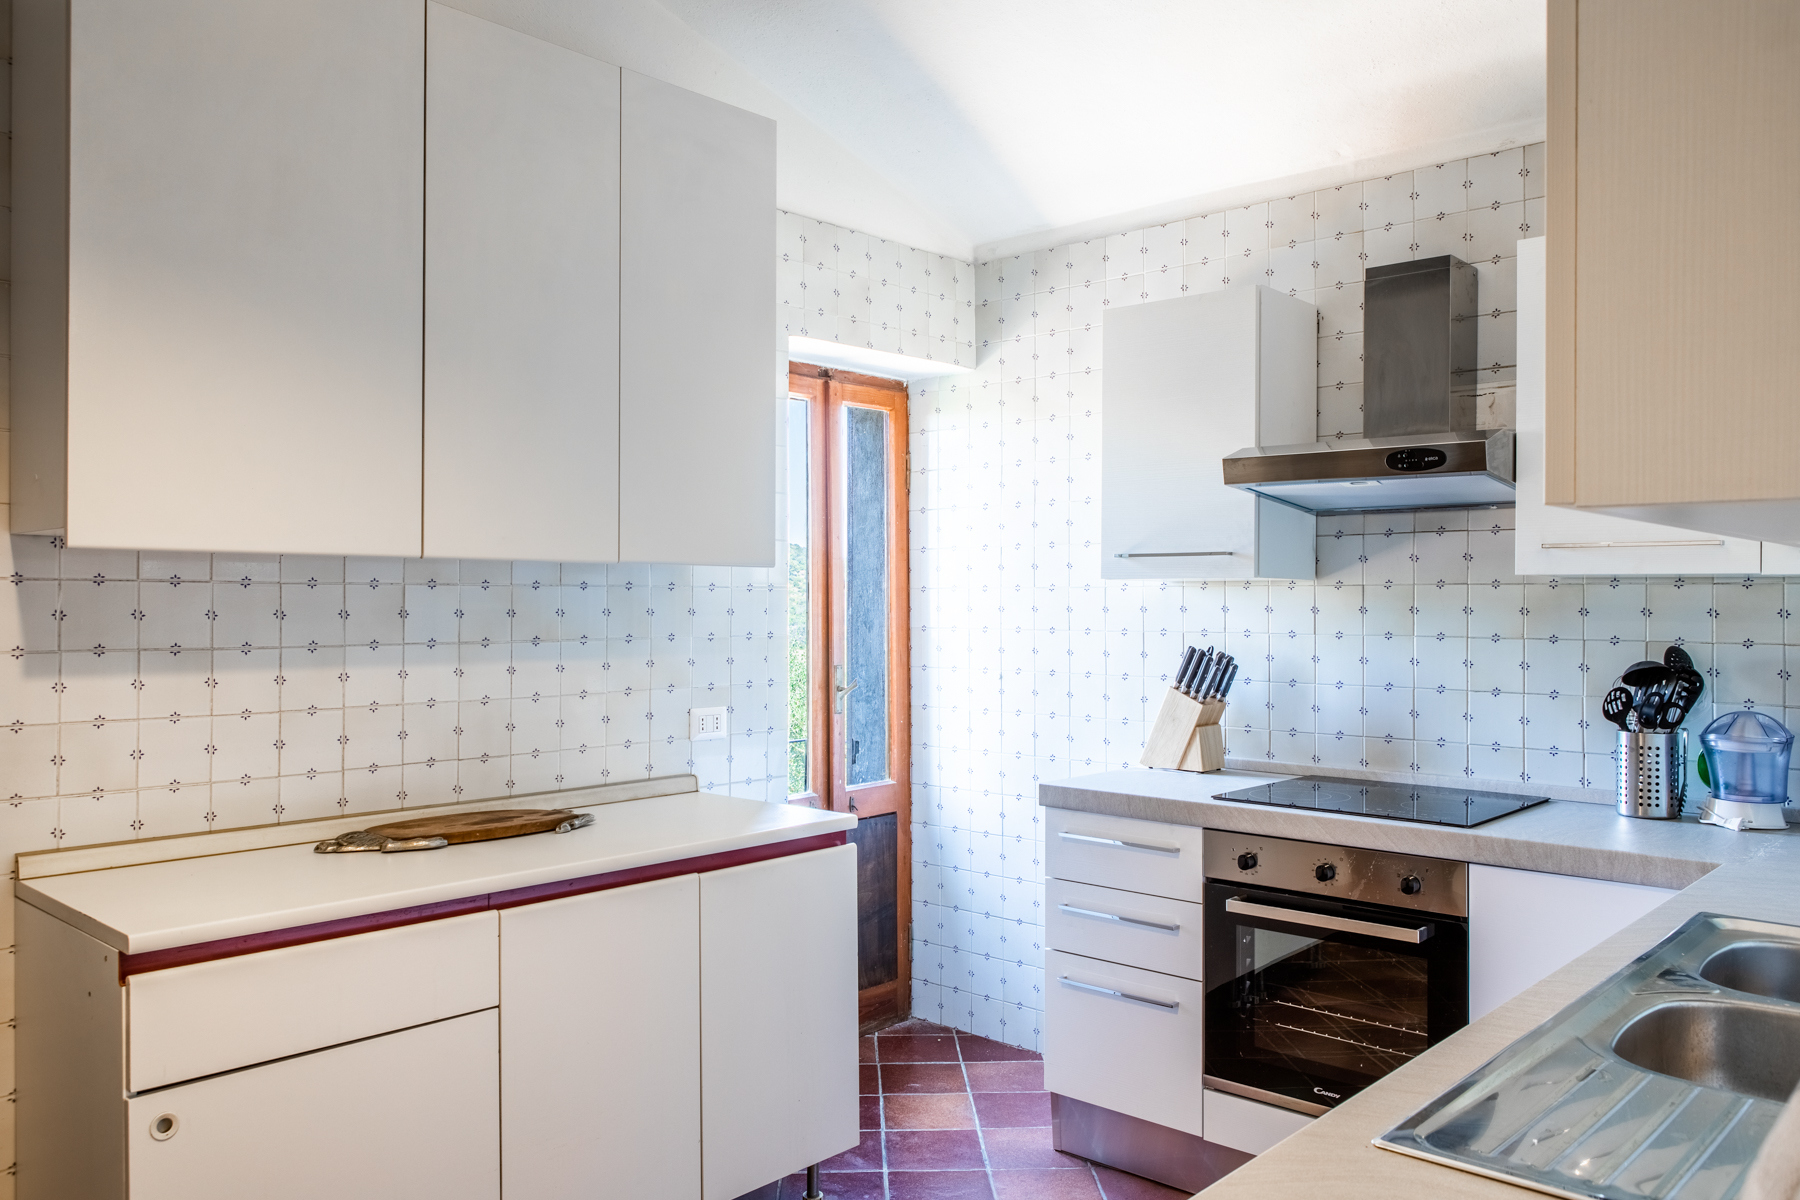 Villa in Vendita a Orbetello: 5 locali, 240 mq - Foto 18